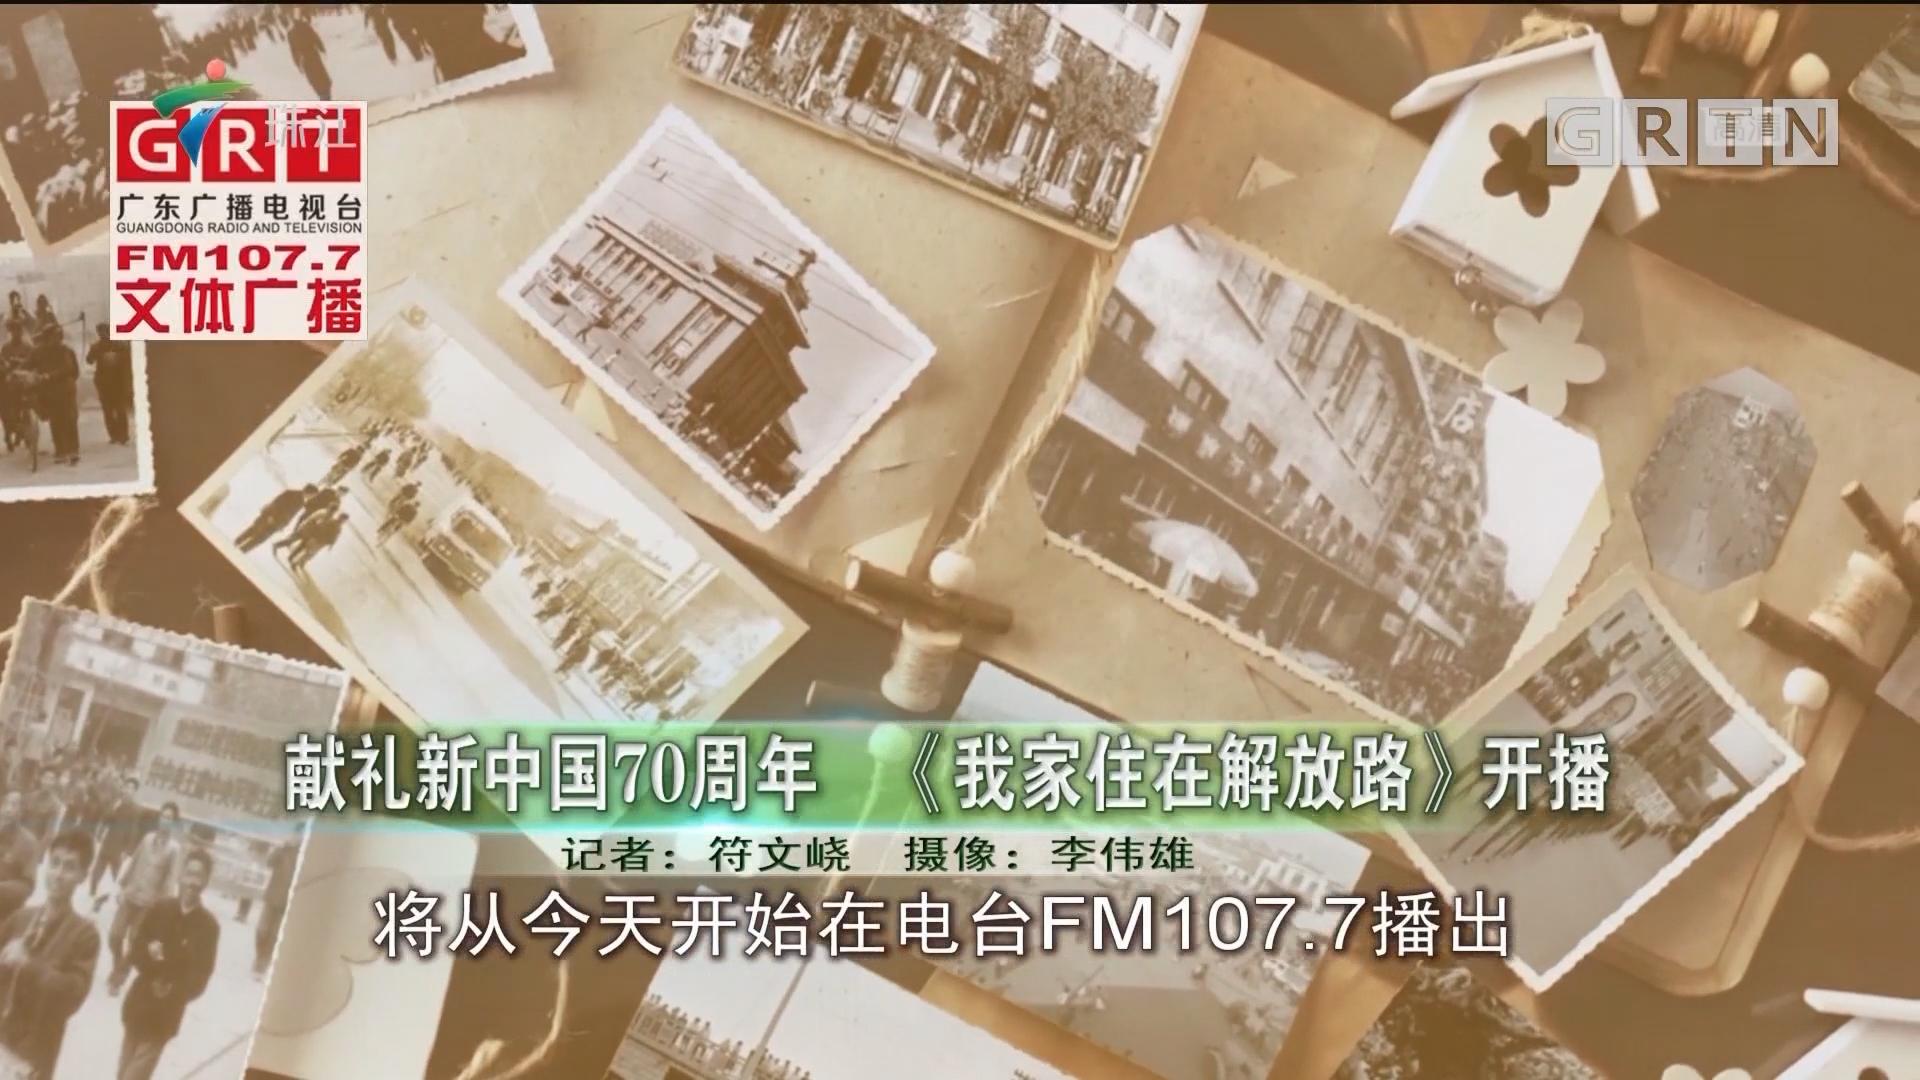 献礼新中国70周年 《我家住在解放路》开播